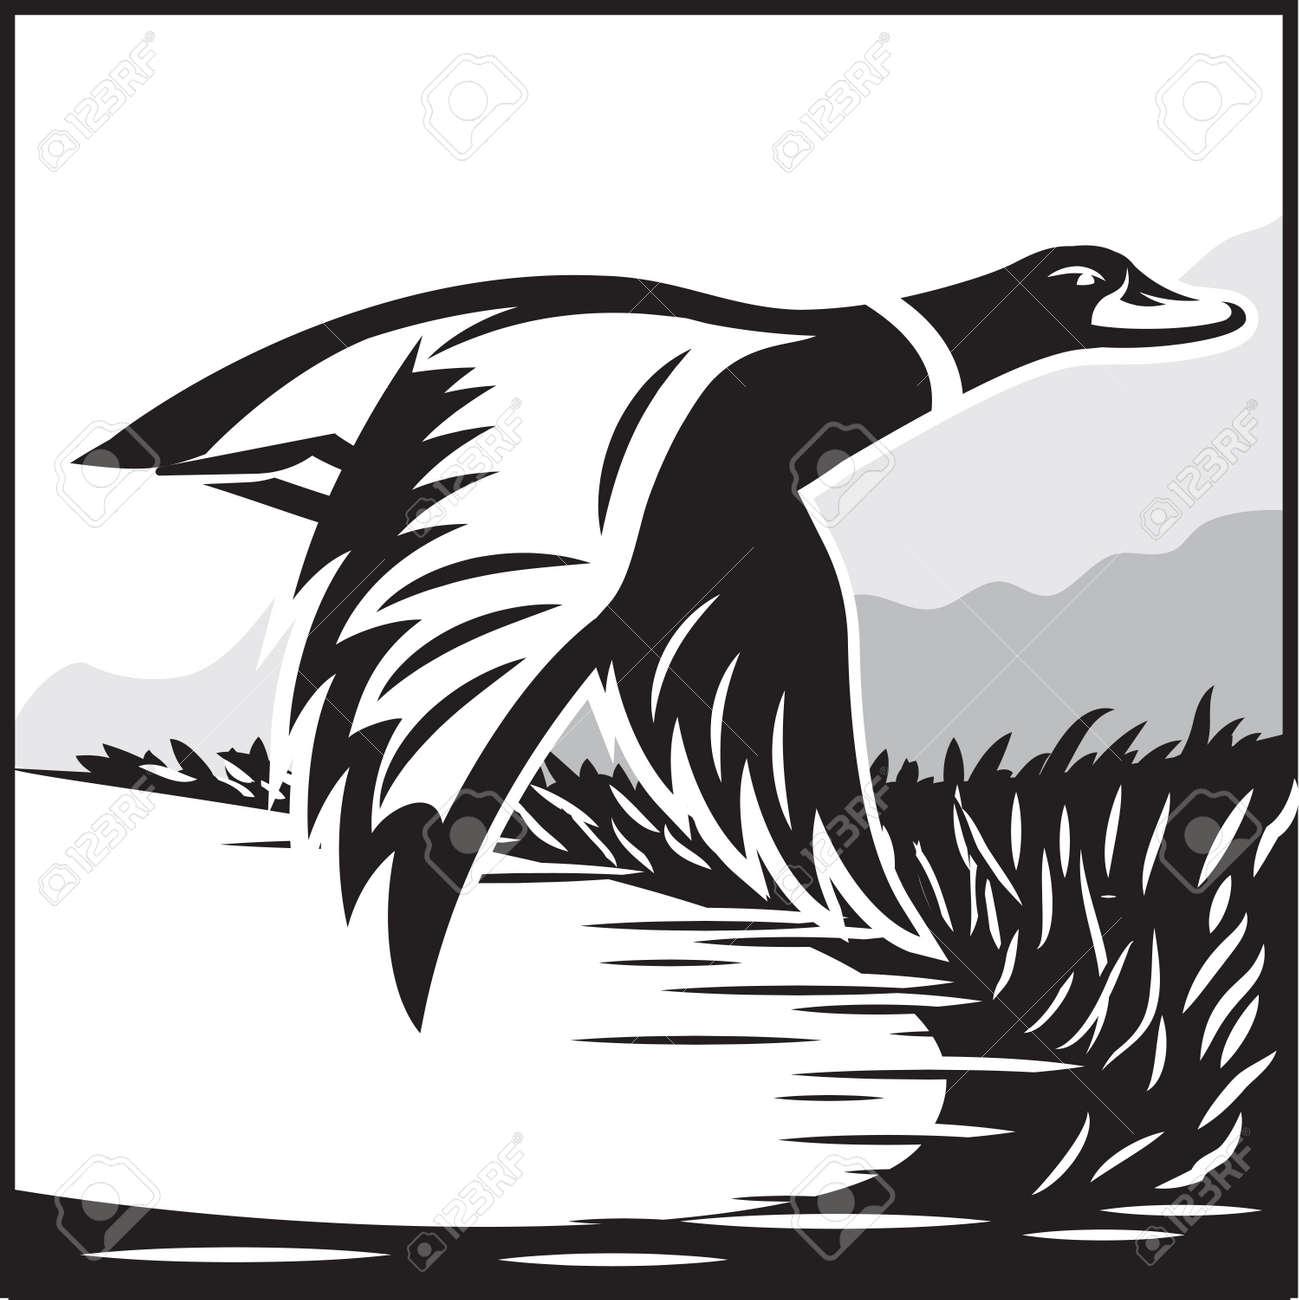 Ilustración De Vector Monocromo Con Vuelo Pato Salvaje Sobre El Agua ...